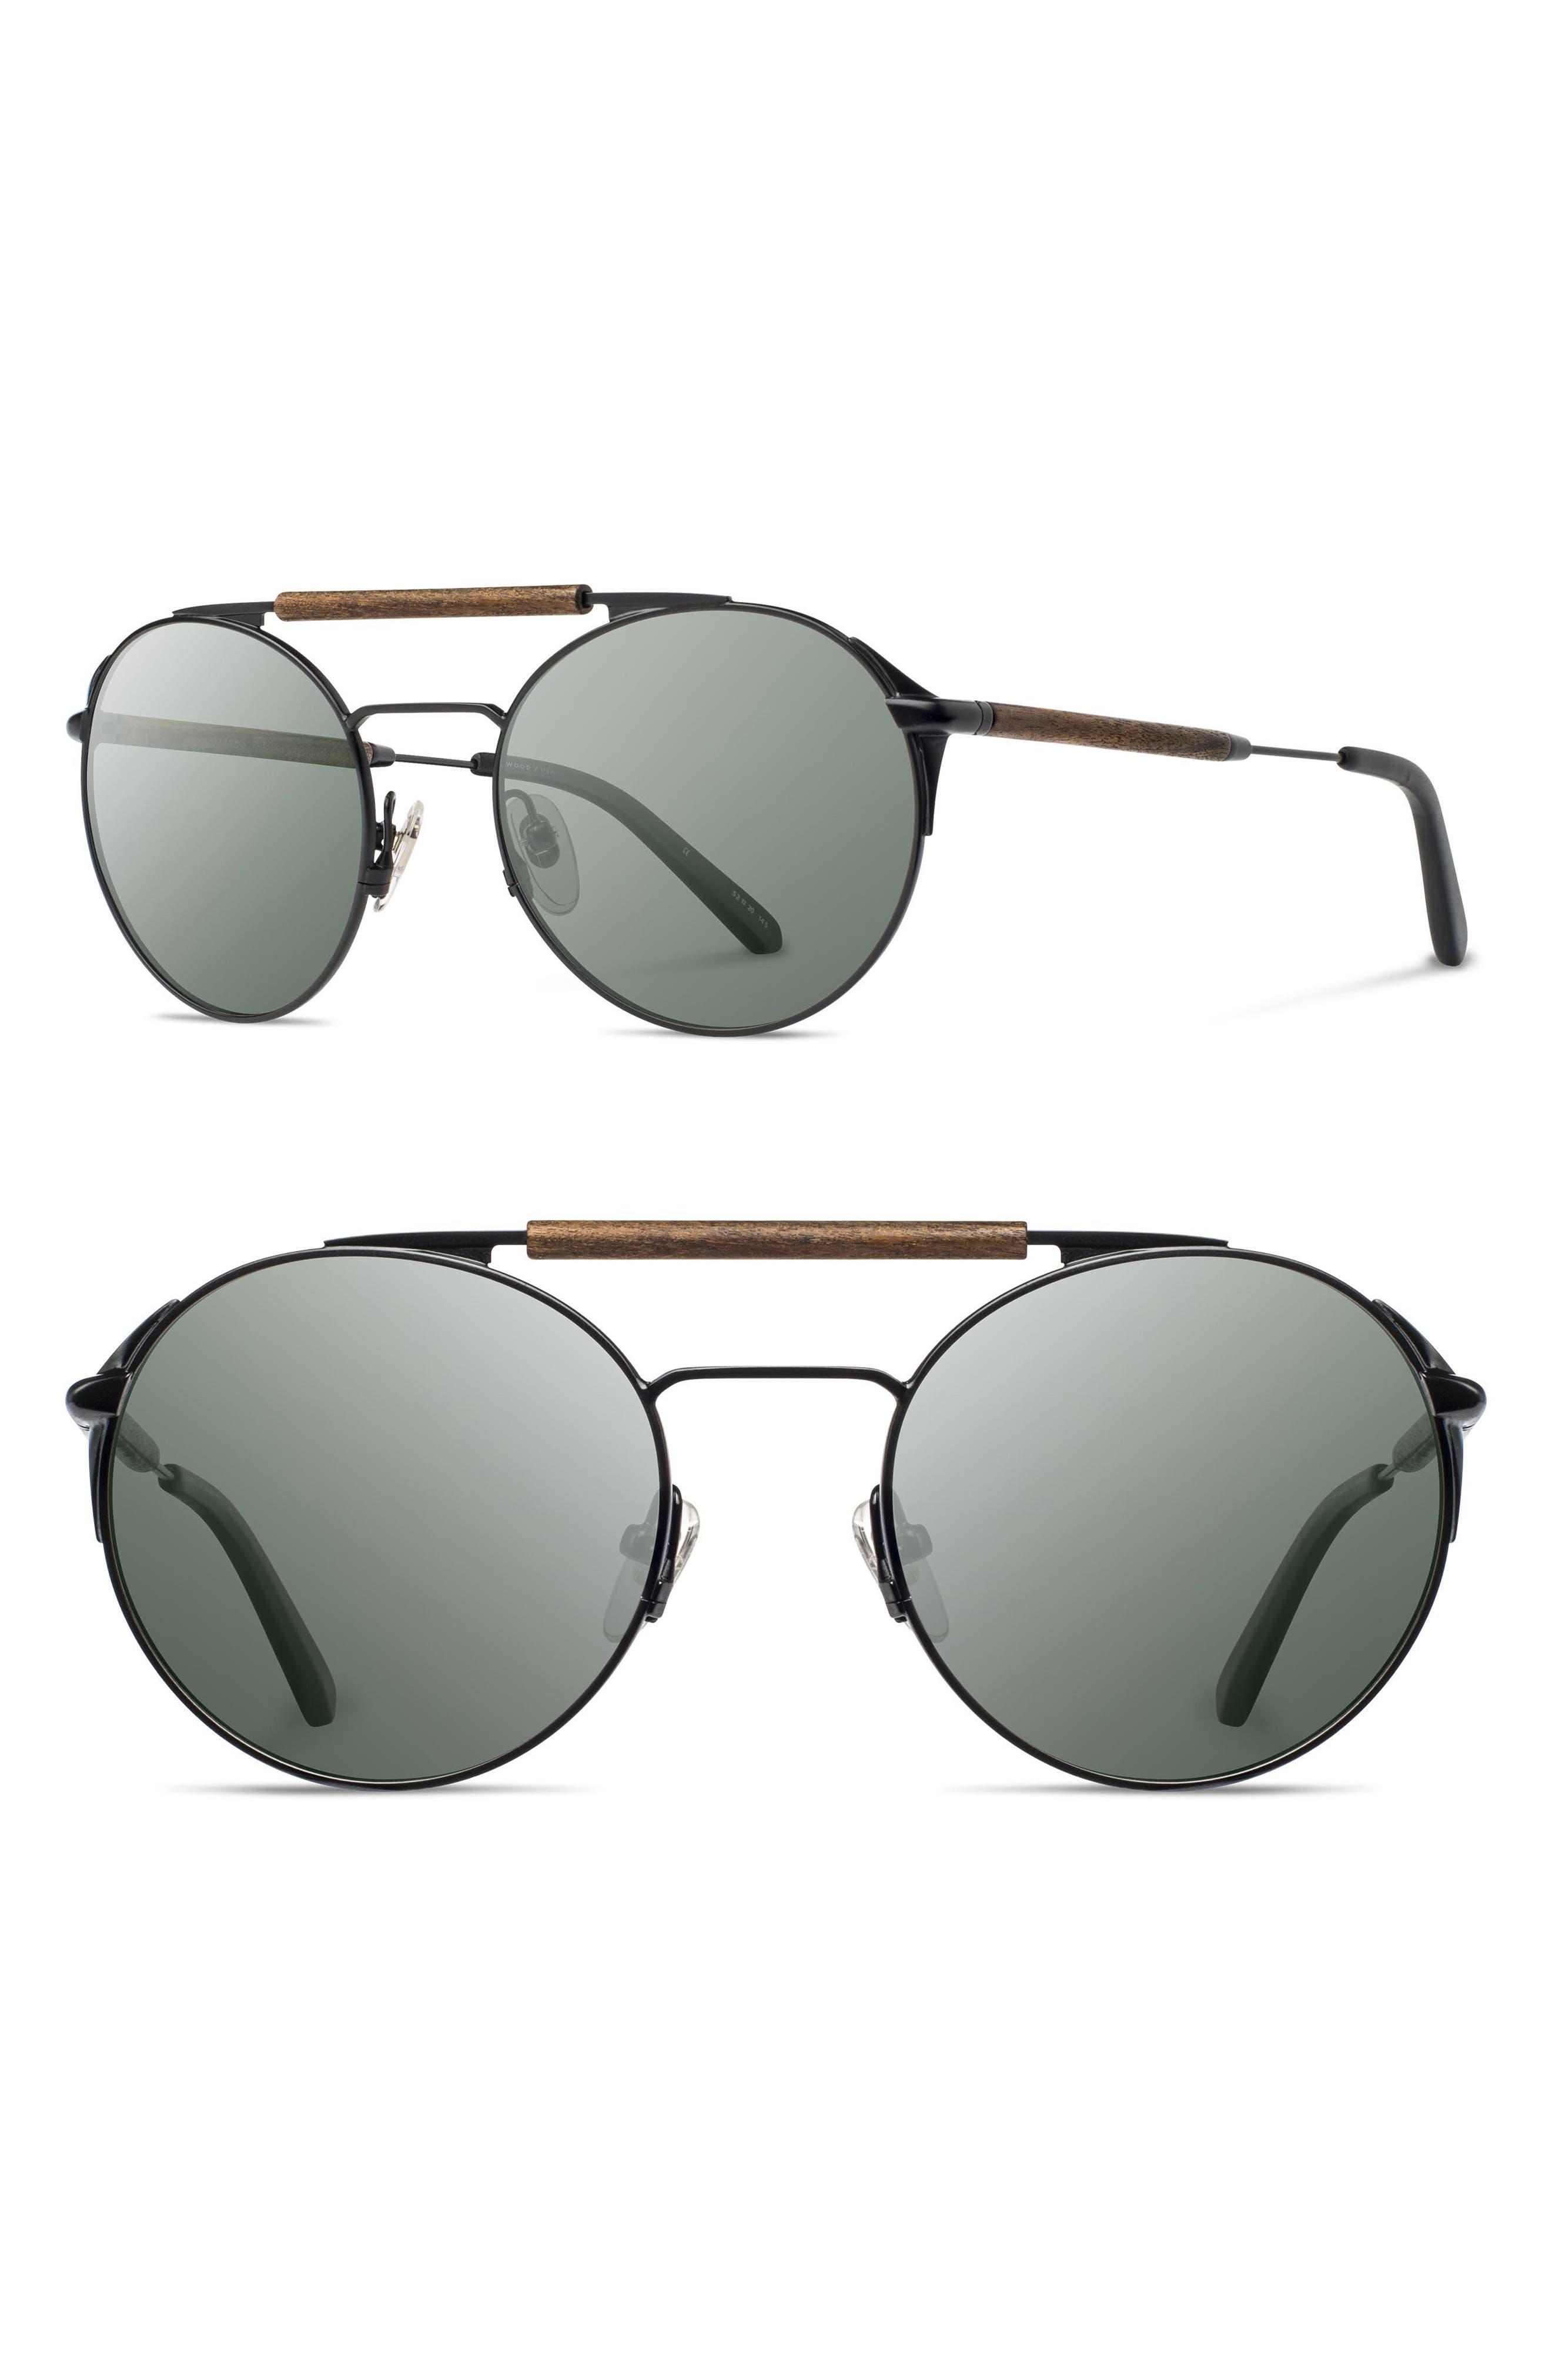 Main Image - Shwood Bandon 52mm Round Sunglasses